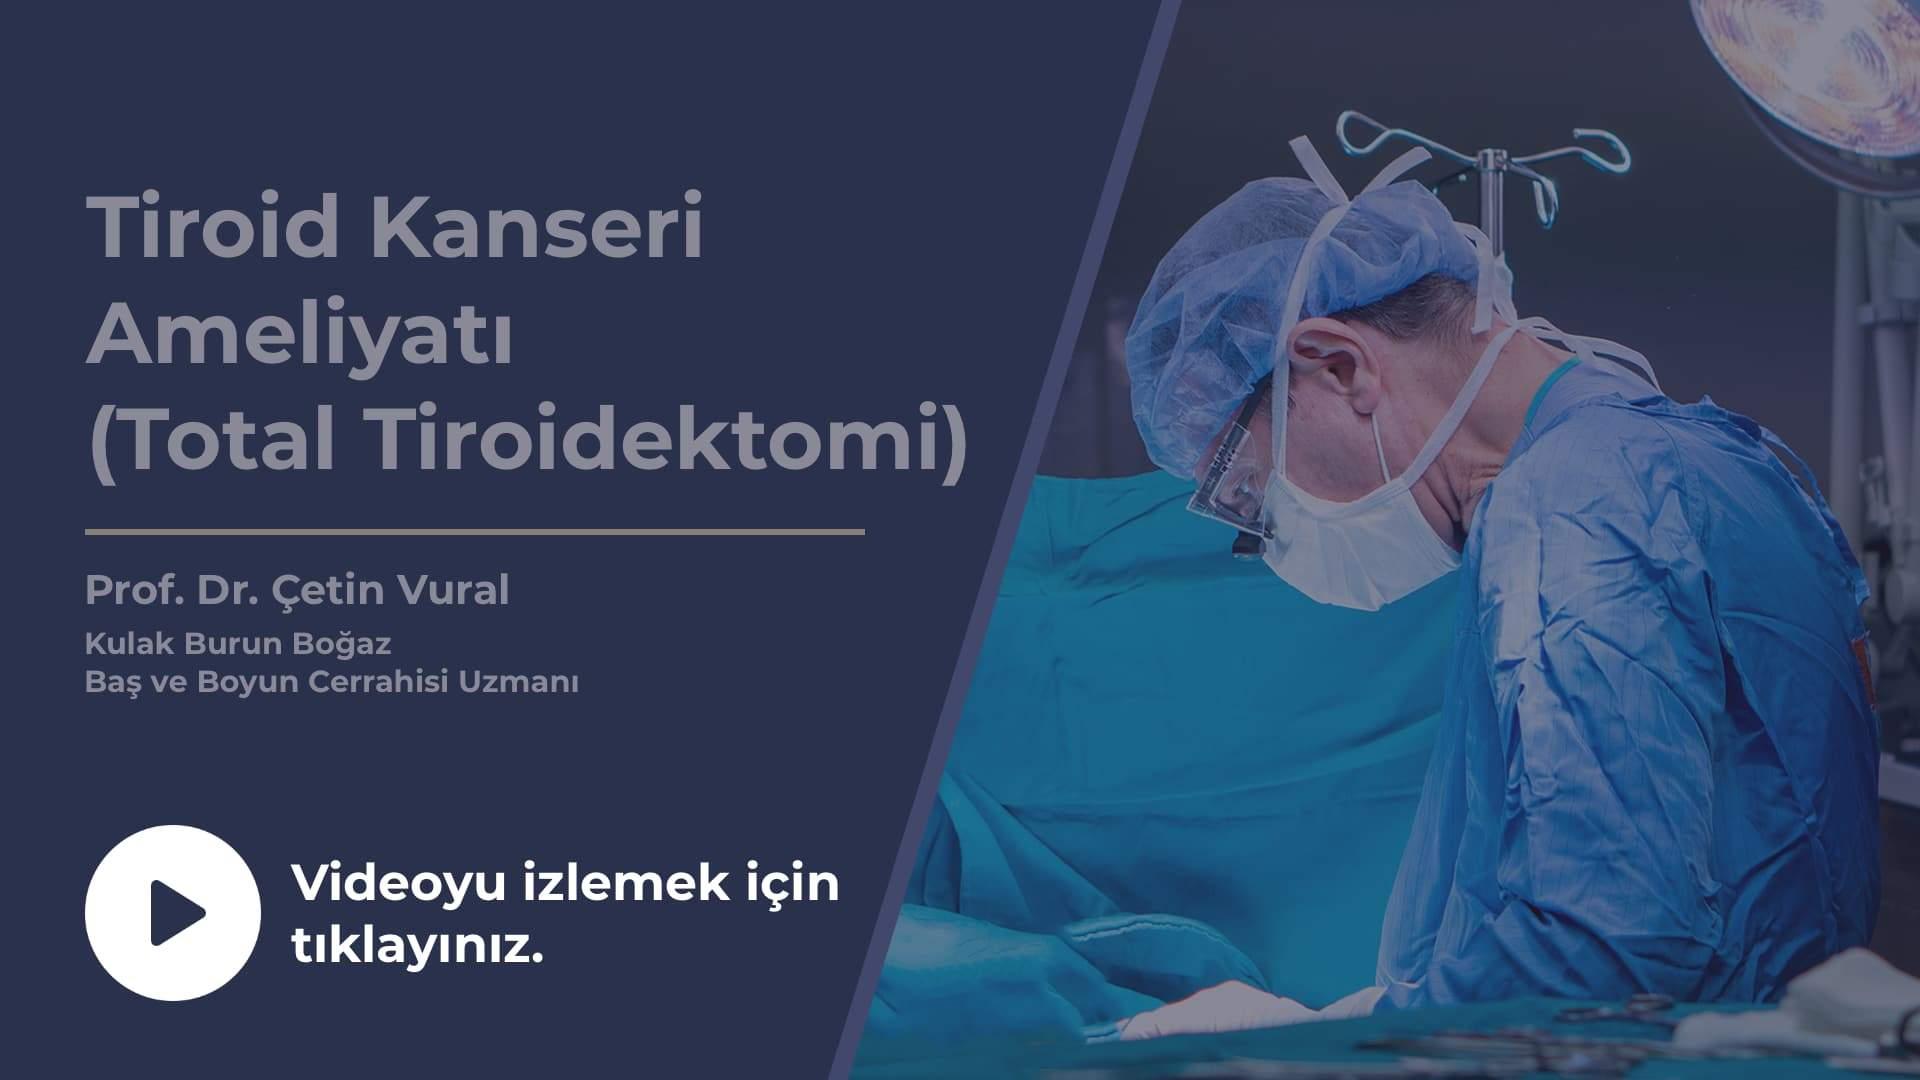 Total Tirodiektomi Ameliyatı - Prof. Dr. Çetin Vural